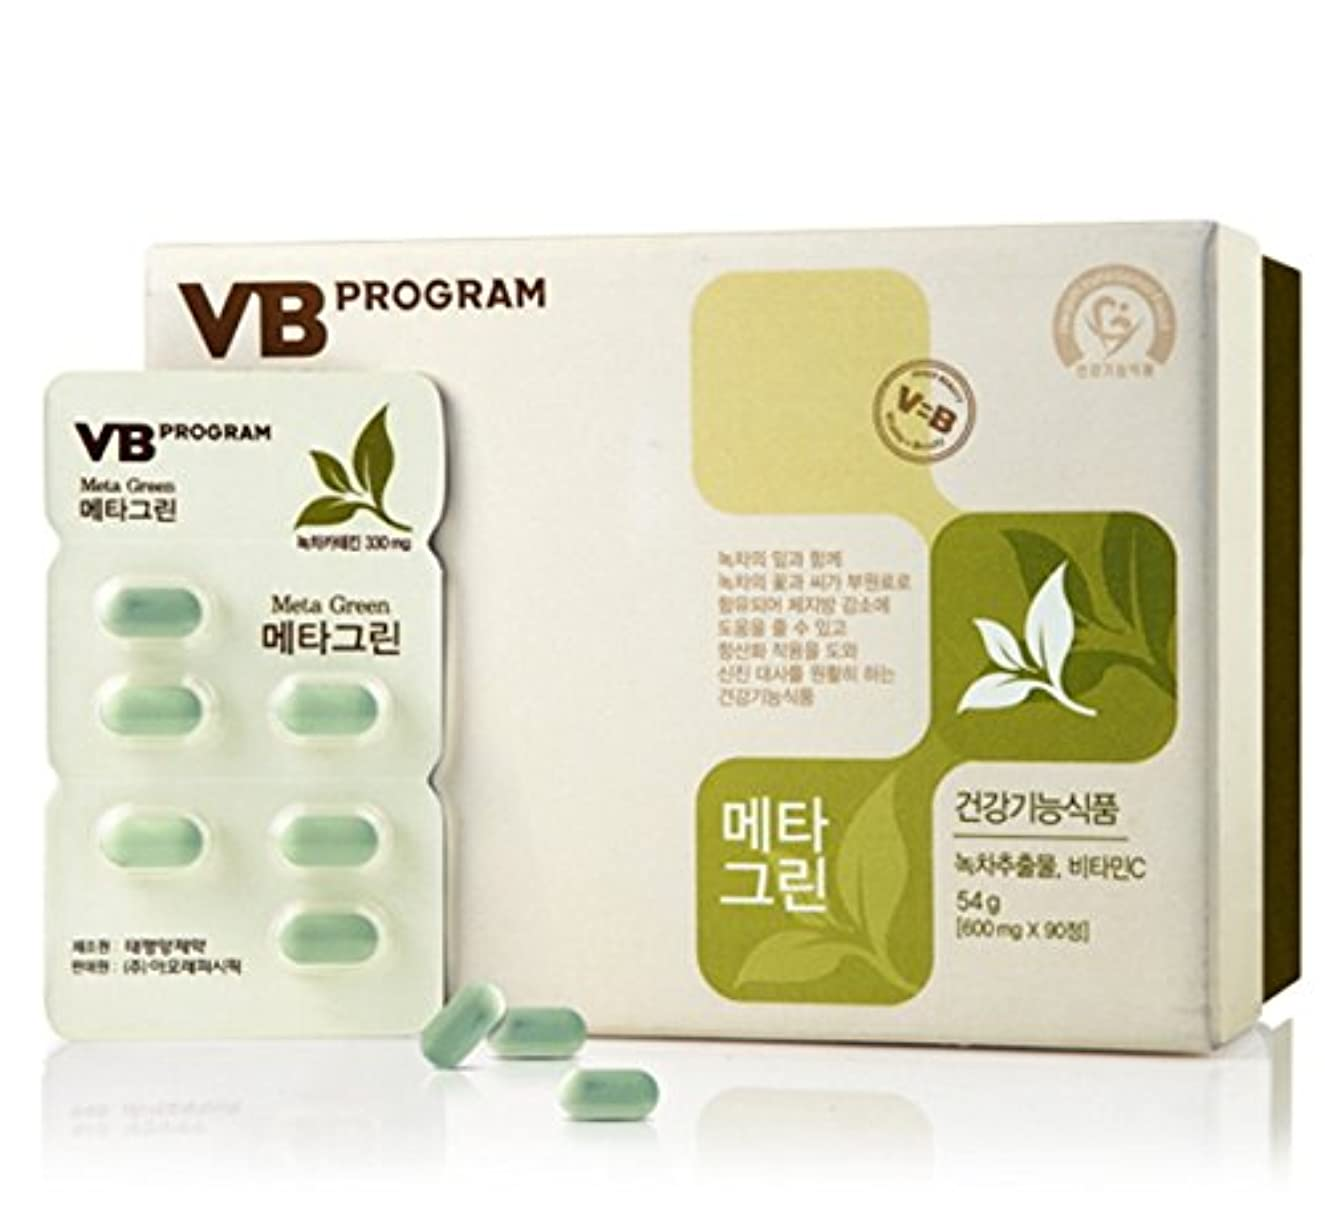 純粋な虫を数える意気消沈したVb Program Meta Green 600mg X 90 Pills 54g for Women Weight Control Green Tea[並行輸入品]